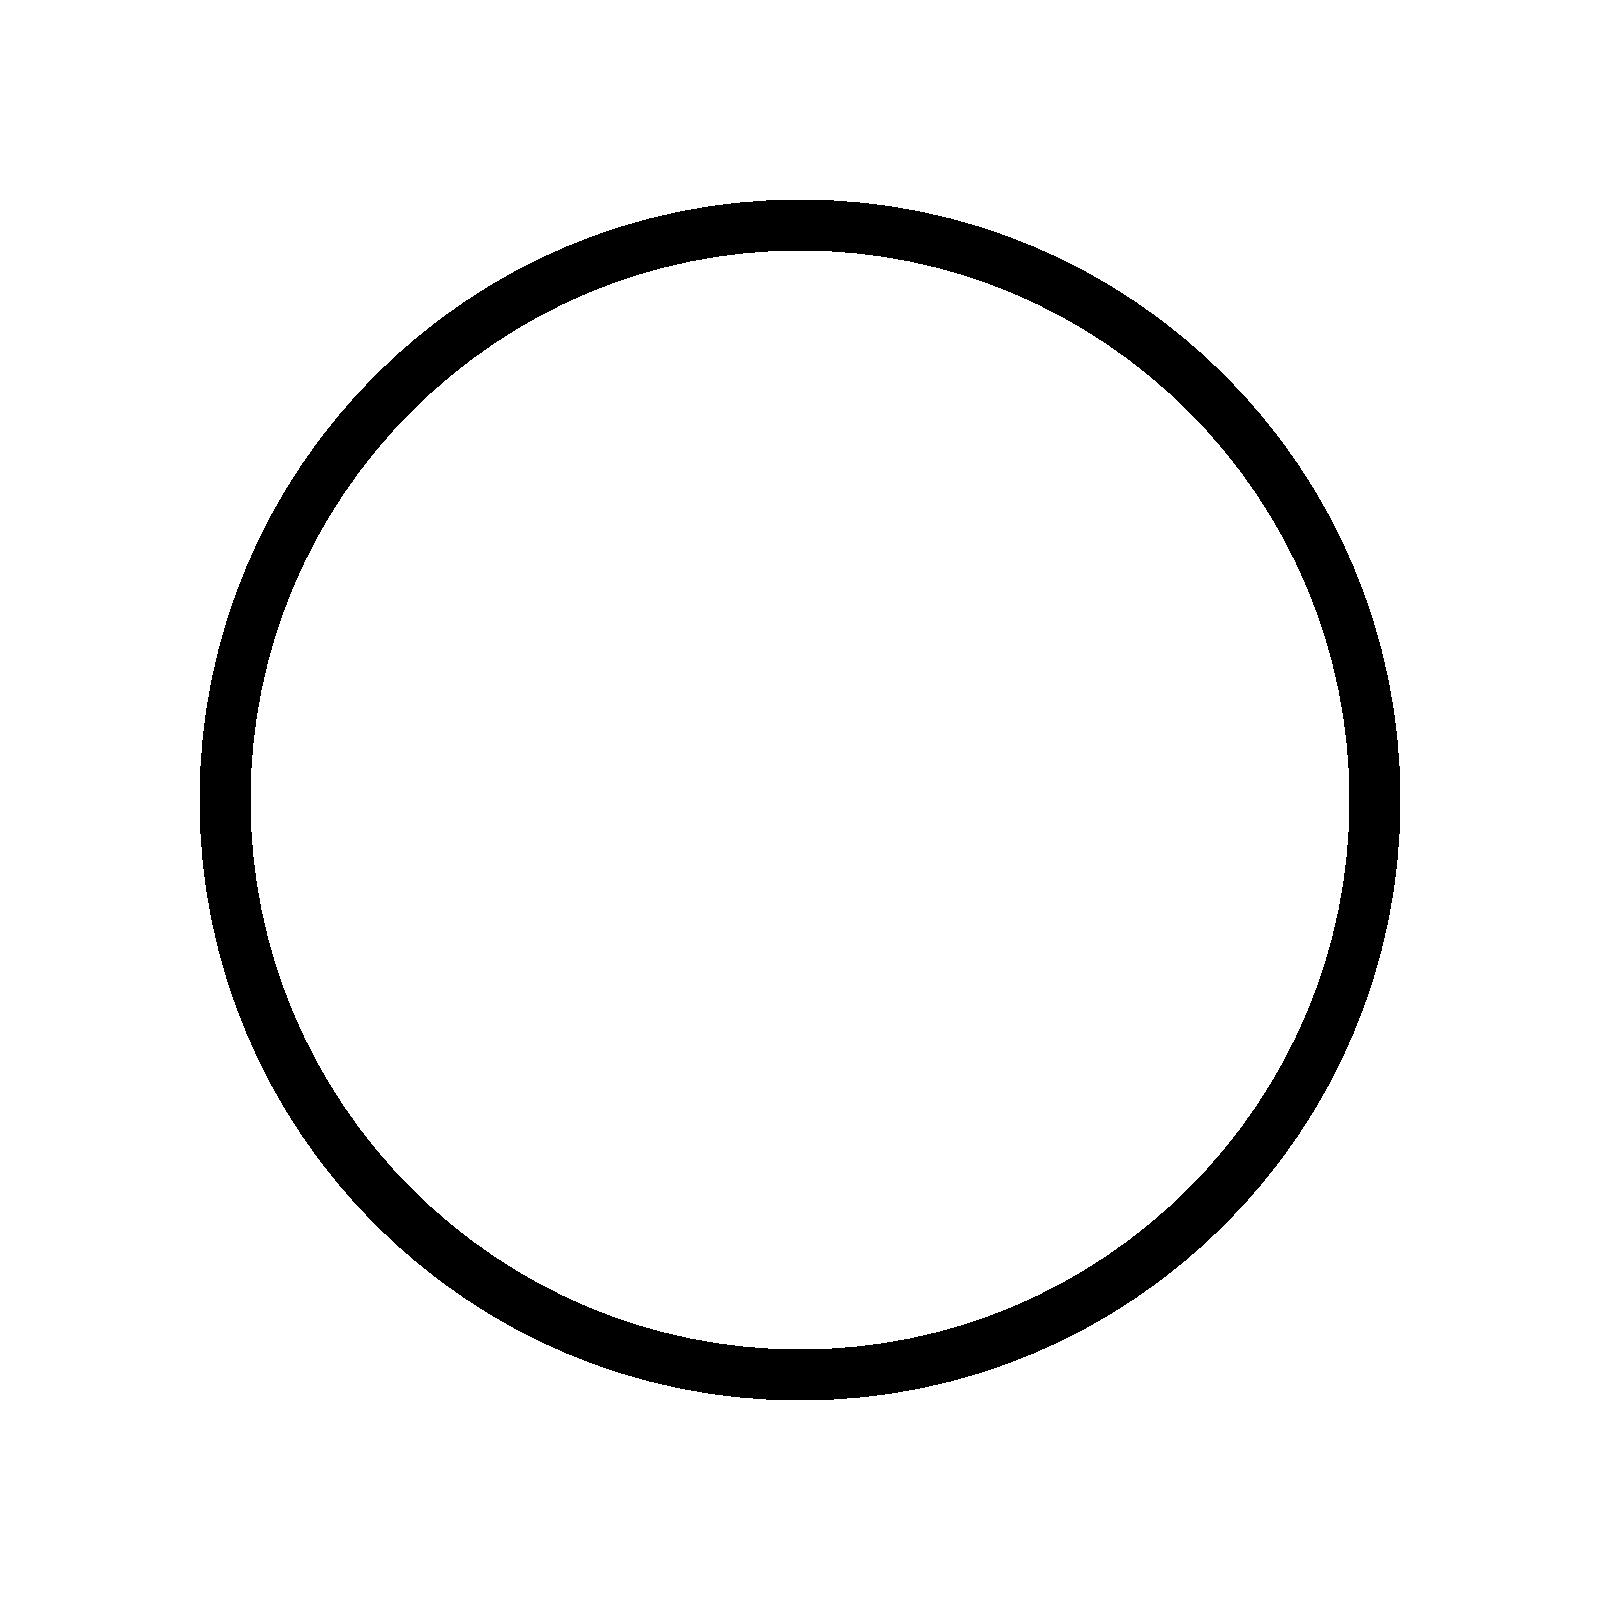 Circle clipart circle shape. Png hd mart